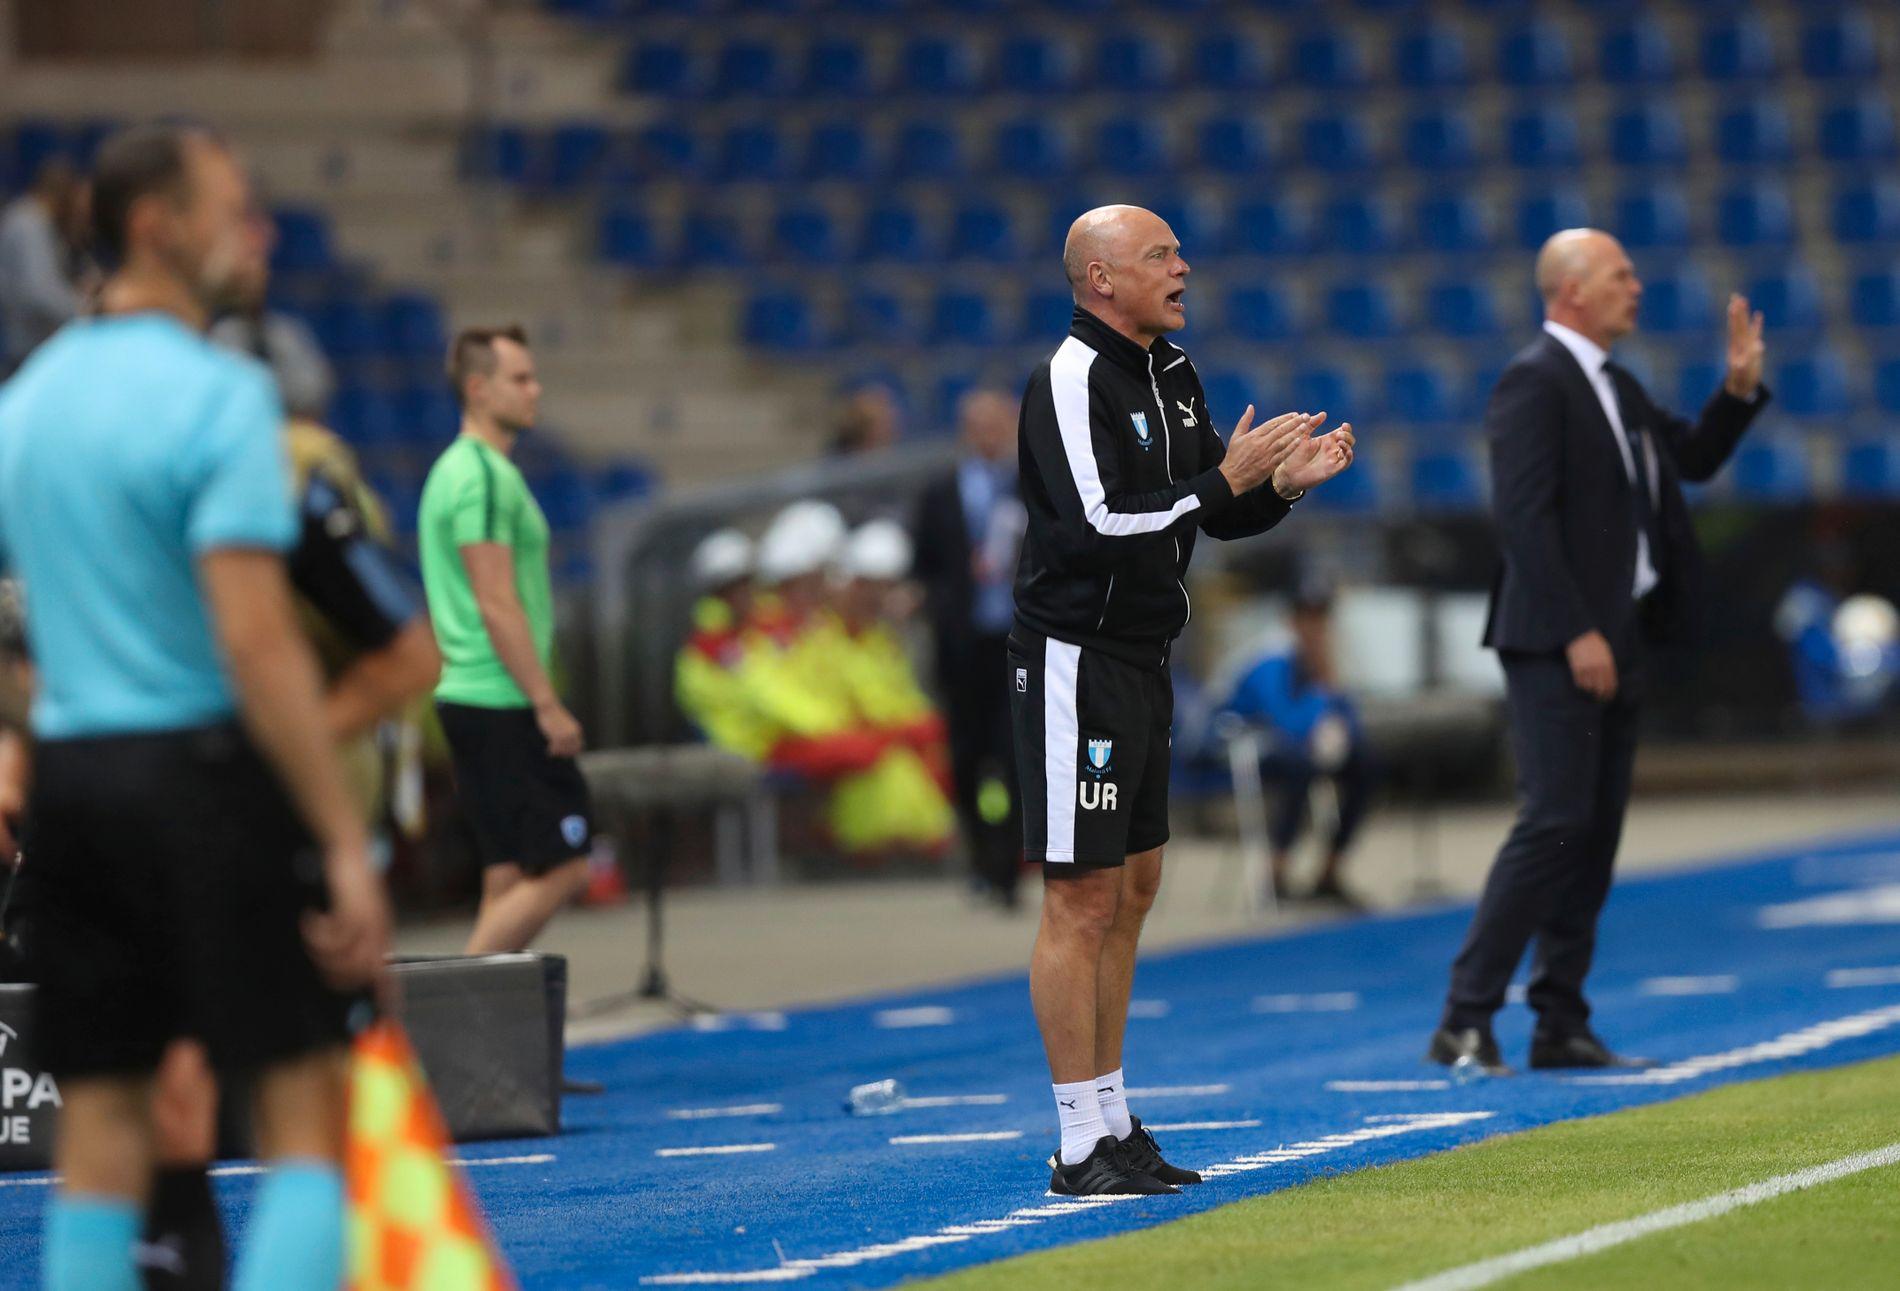 NORGE-RETUR: Trener Uwe Rösler og Malmö er på plass i Østfold før torsdagens Europa League-møtet med Sarpsborg. Her fra kampen mot Genk i september.